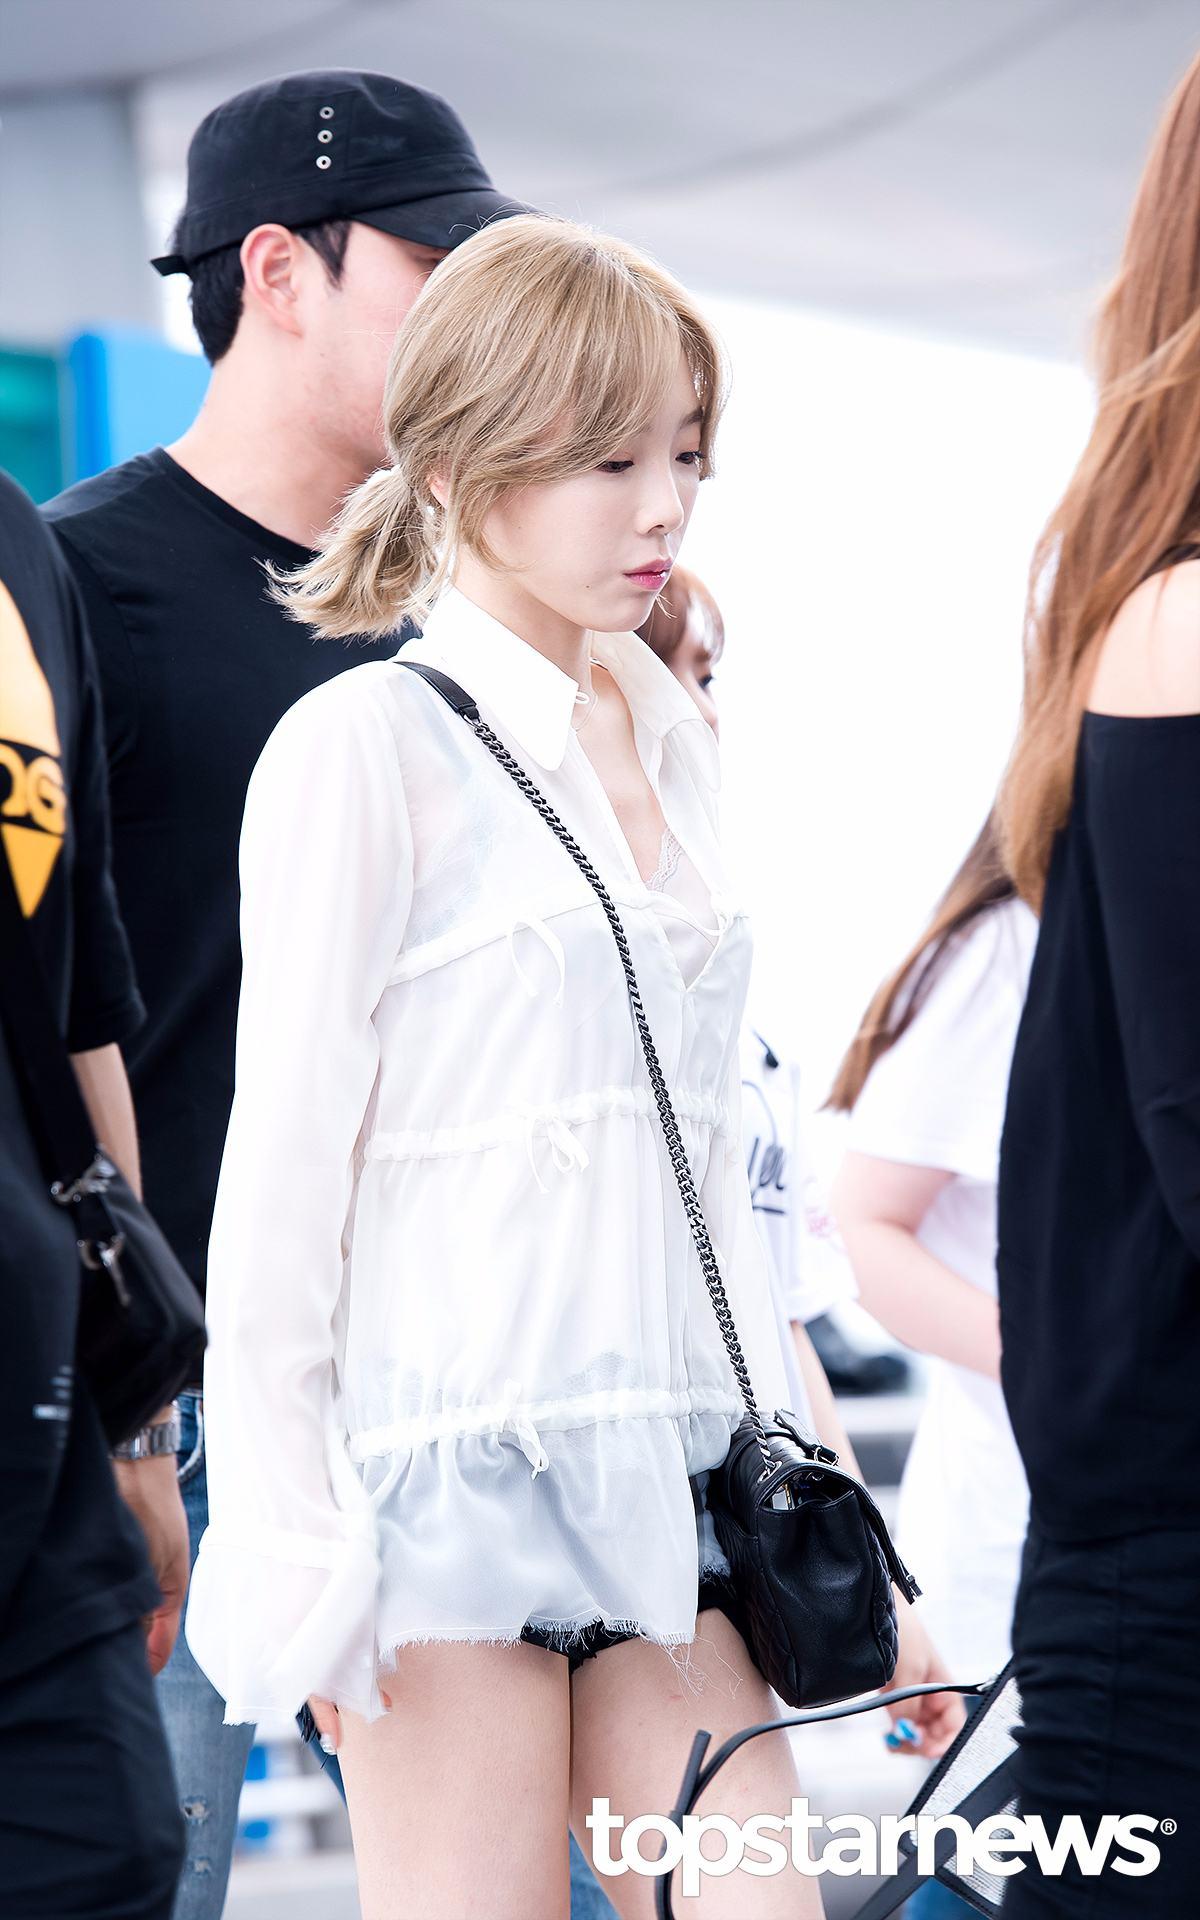 首先是宅精靈太妍,從這次的Solo專輯就可以看出太妍最近改走帥氣的街頭風。襯衫雖然也是寬鬆的半透明款,搭配上黑色熱褲,性感和帥氣兼備。